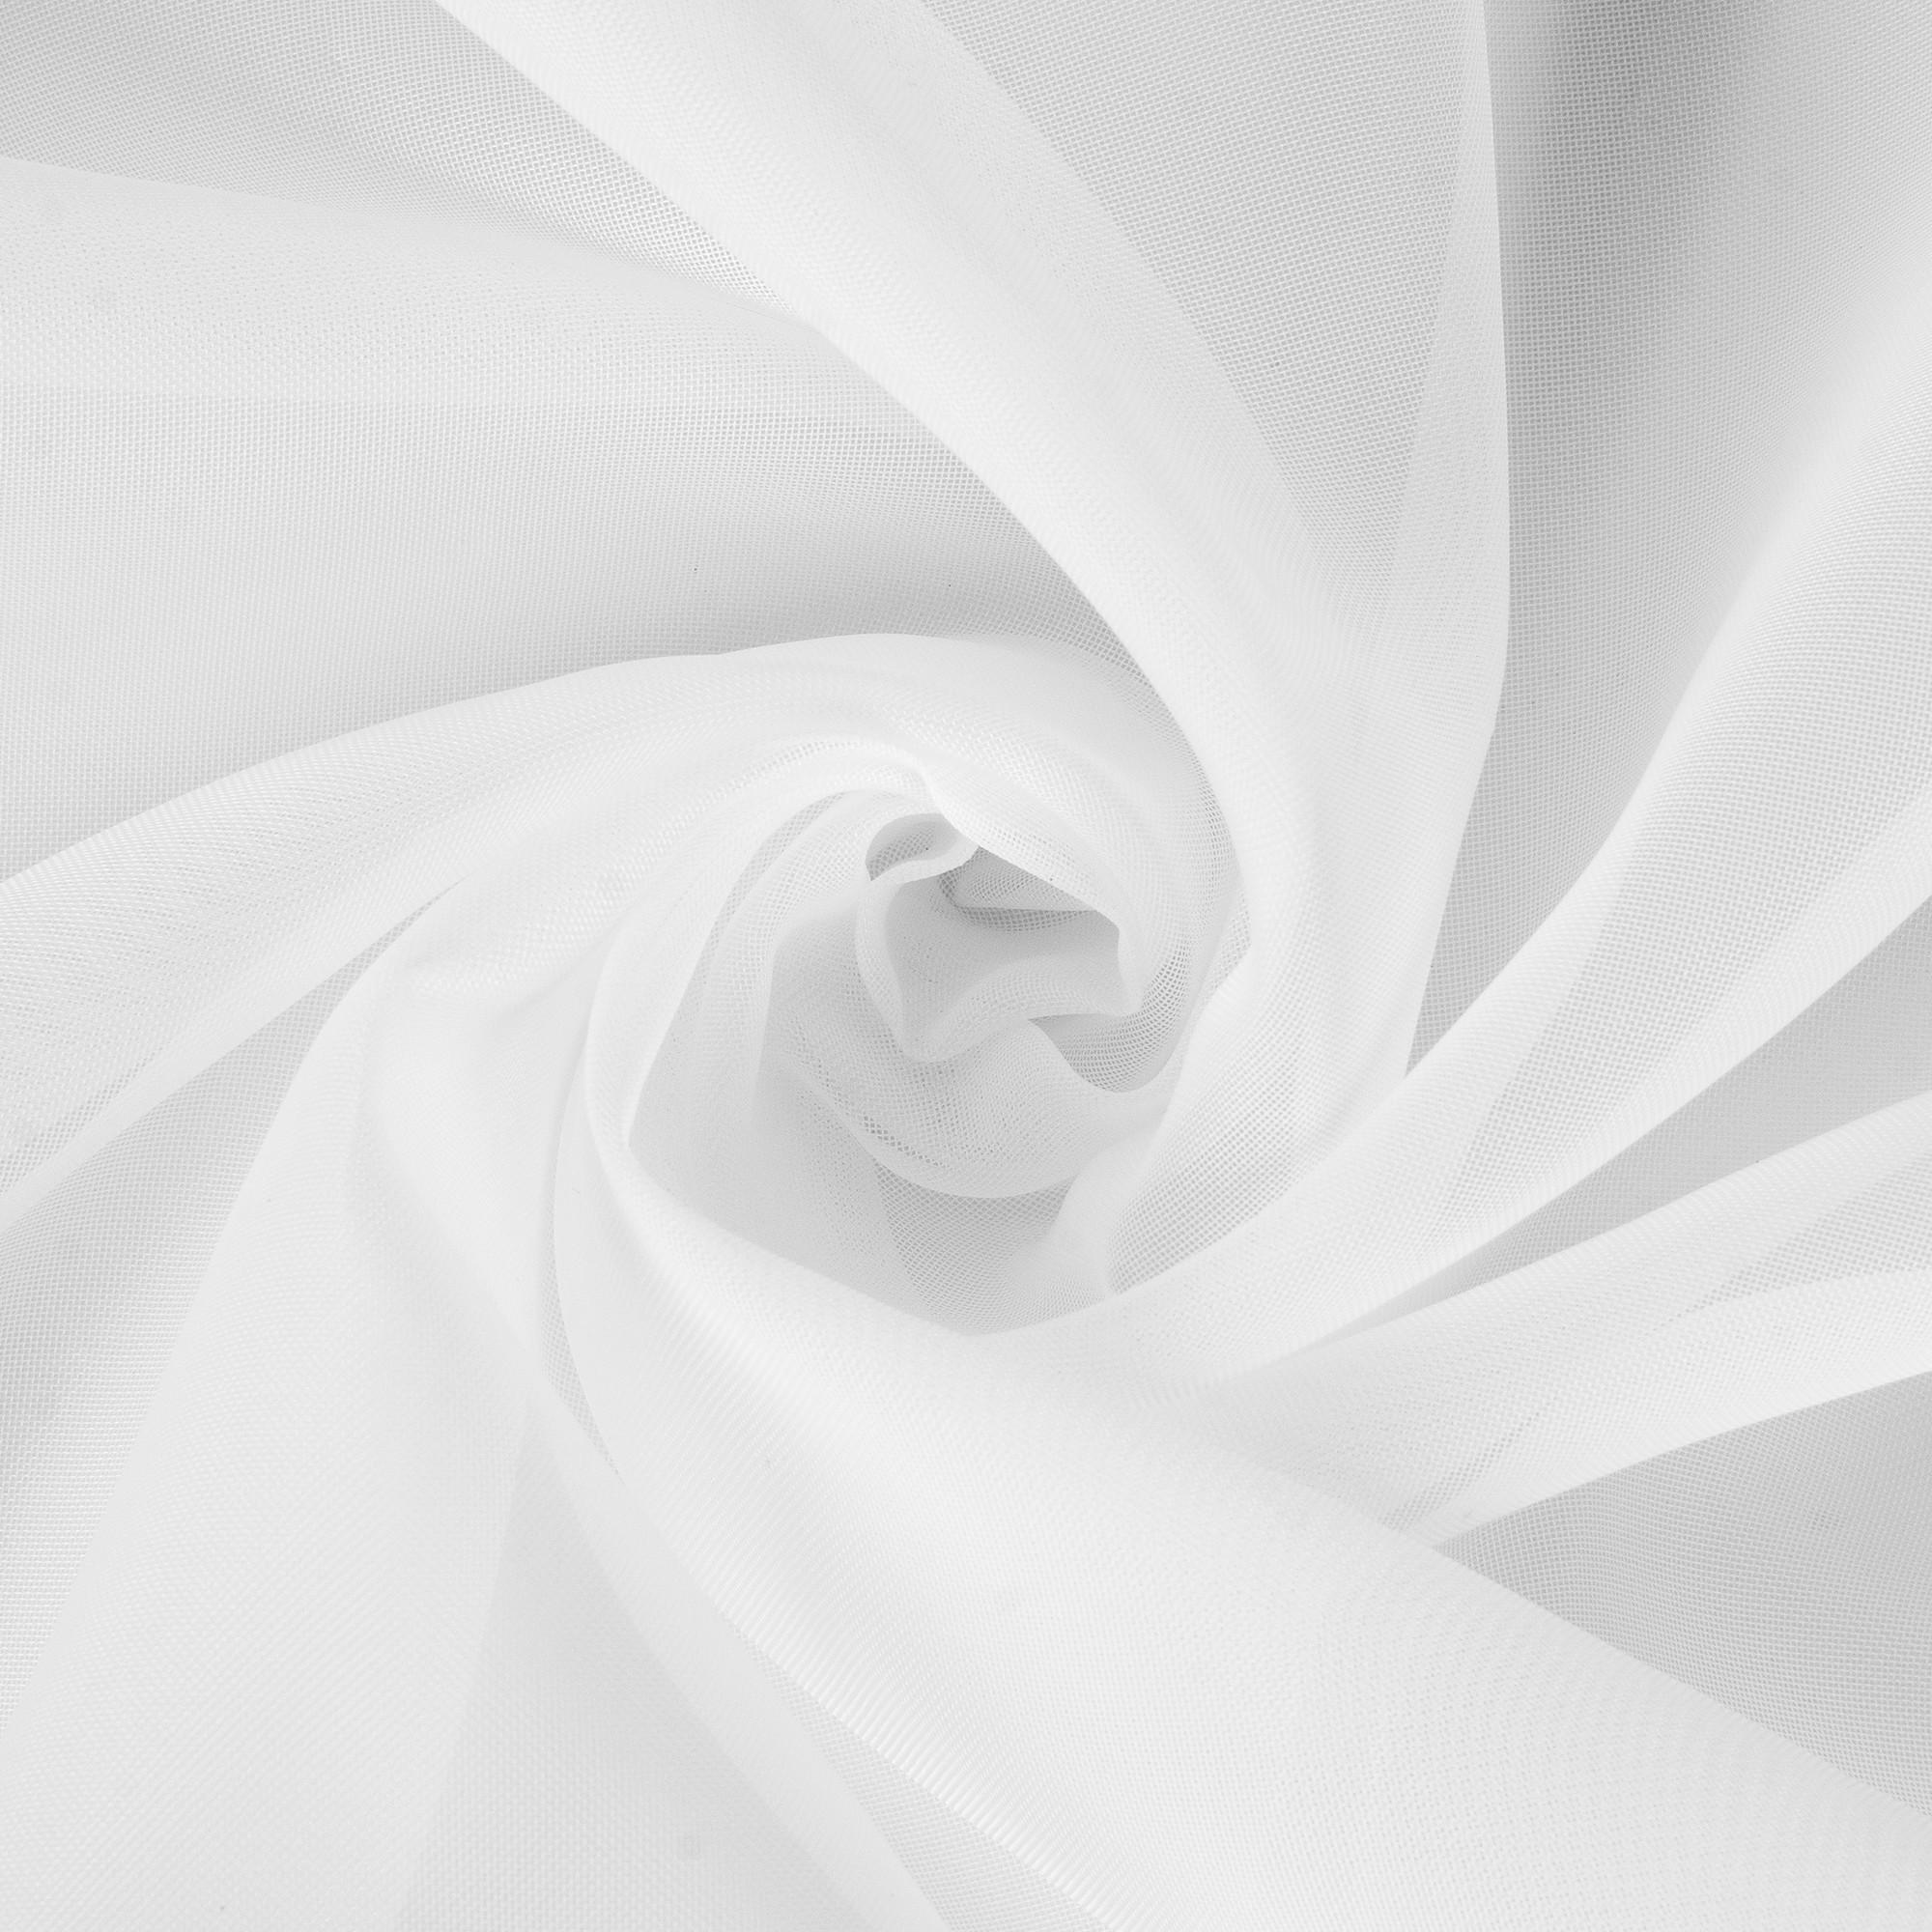 Вуаль 1 п/м 295 см однотон цвет белый